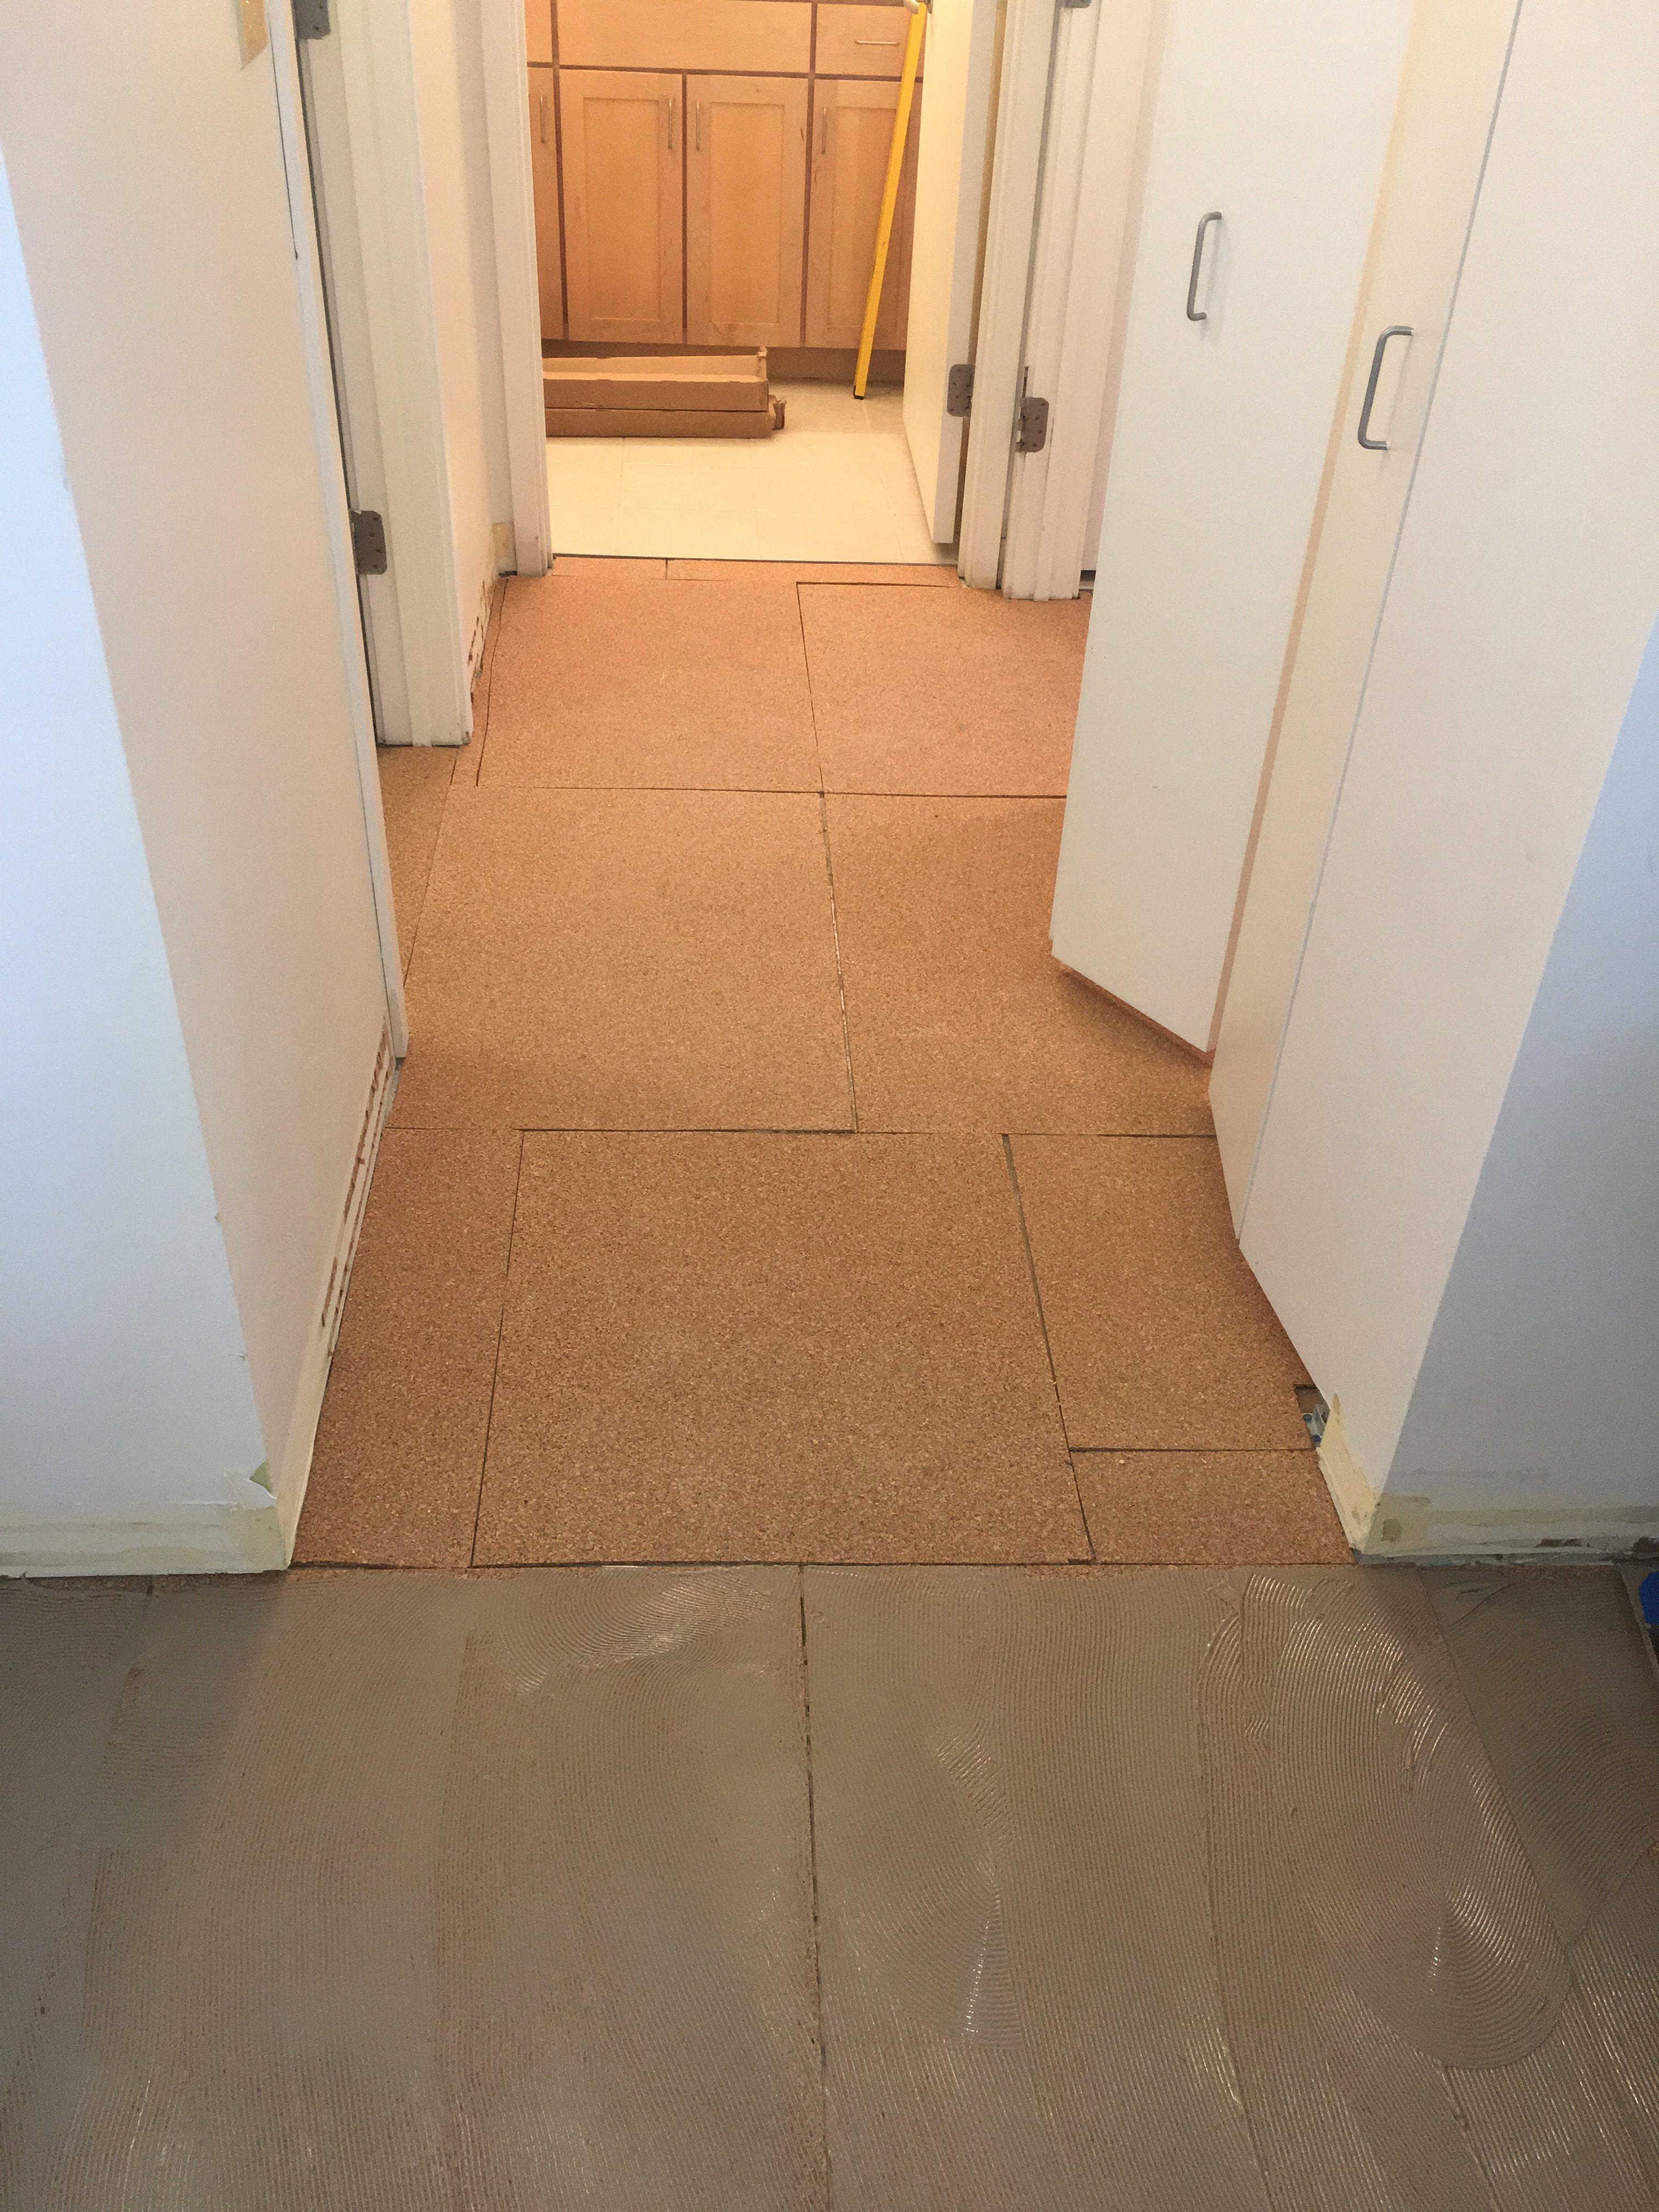 Downtown Chicago Glue Down Cork Floor Installation